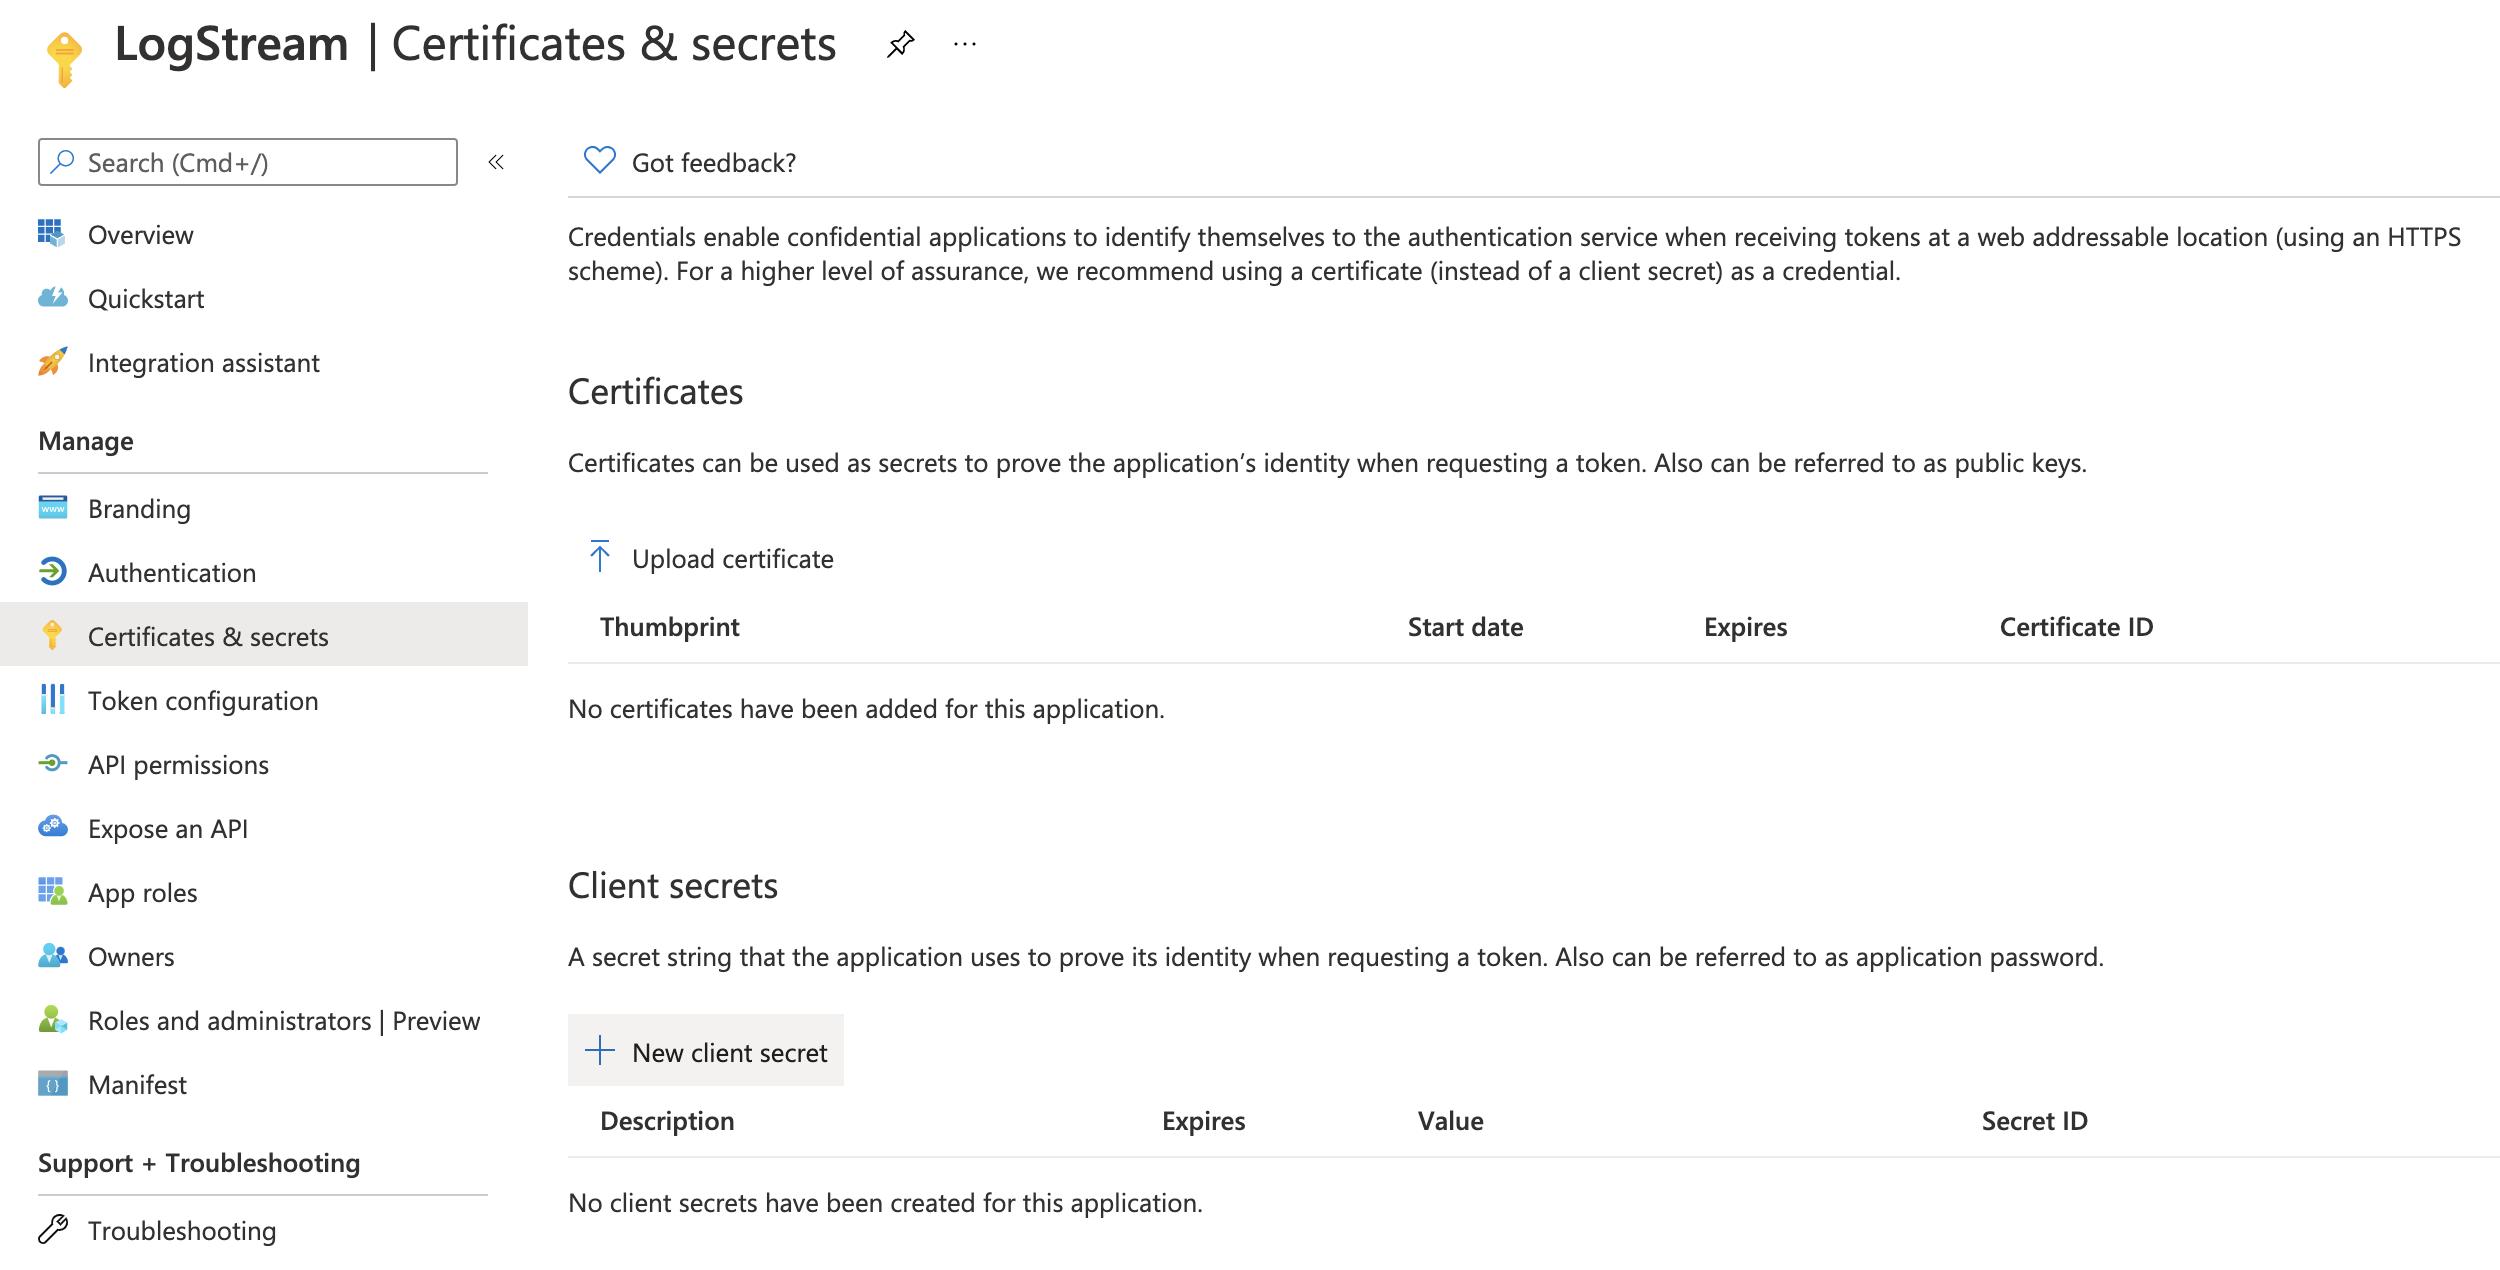 Accessing client secrets